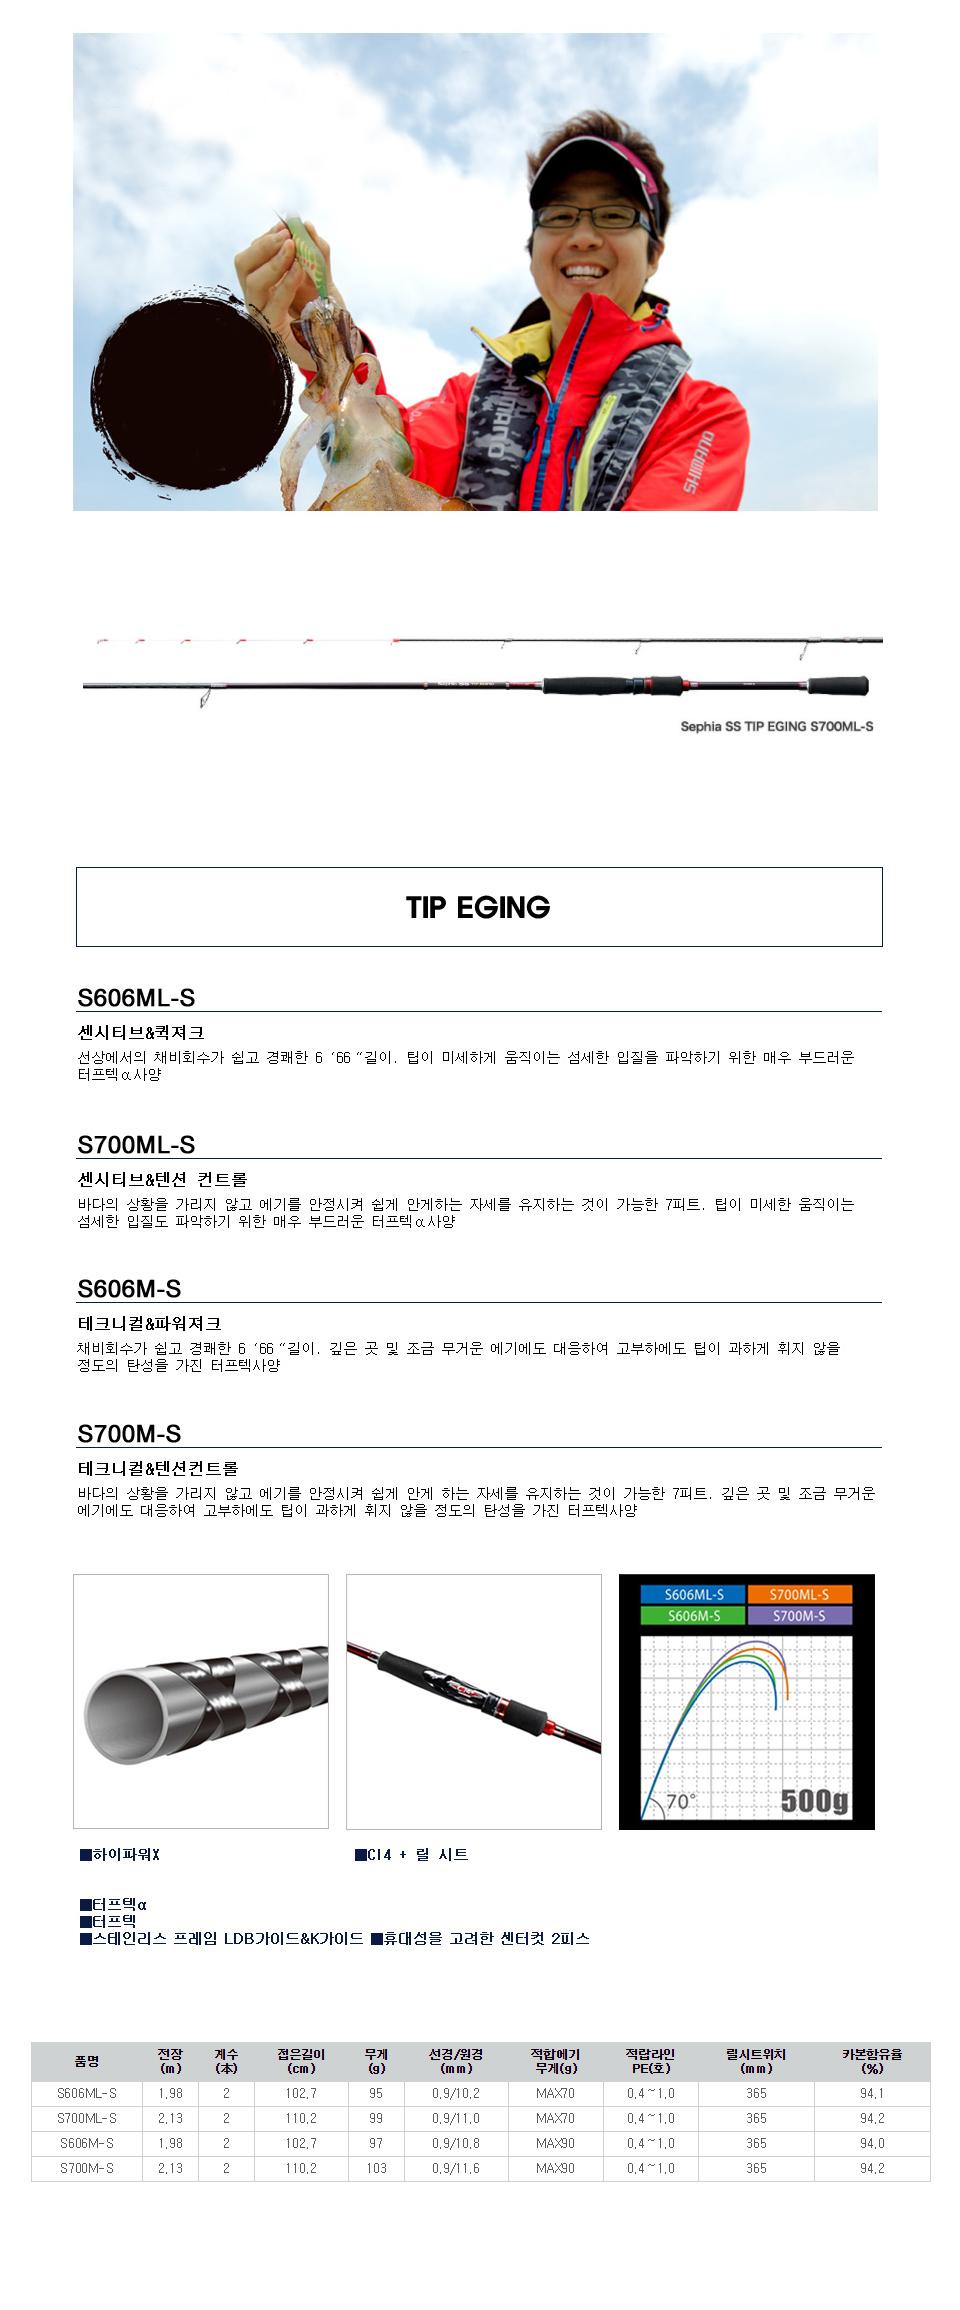 시마노 세피아 SS 팁 에깅 (15) 윤성정품 팁런대 팁런루어대 팀런 에깅낚시대 시마노에깅낚시대 에깅 시마노 에깅팁런대 에깅팁런 무늬어징어낚시대 무늬오징어